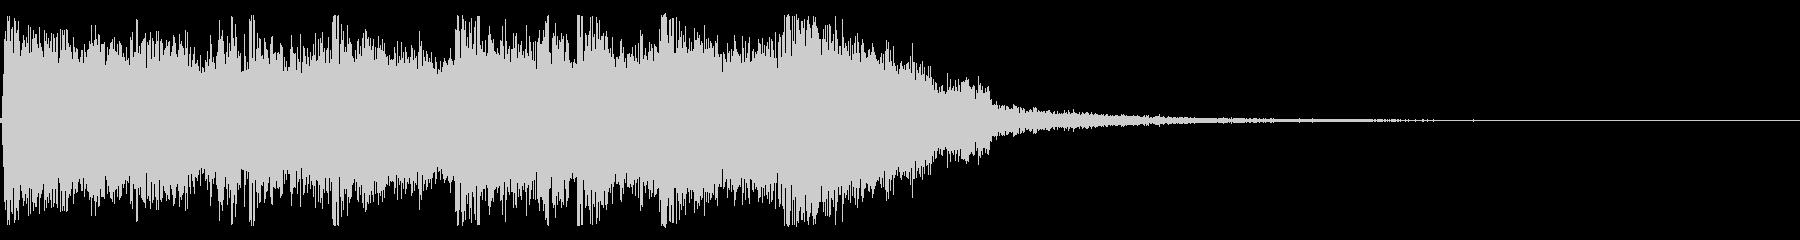 クイズ用ジングル「正解!」の未再生の波形